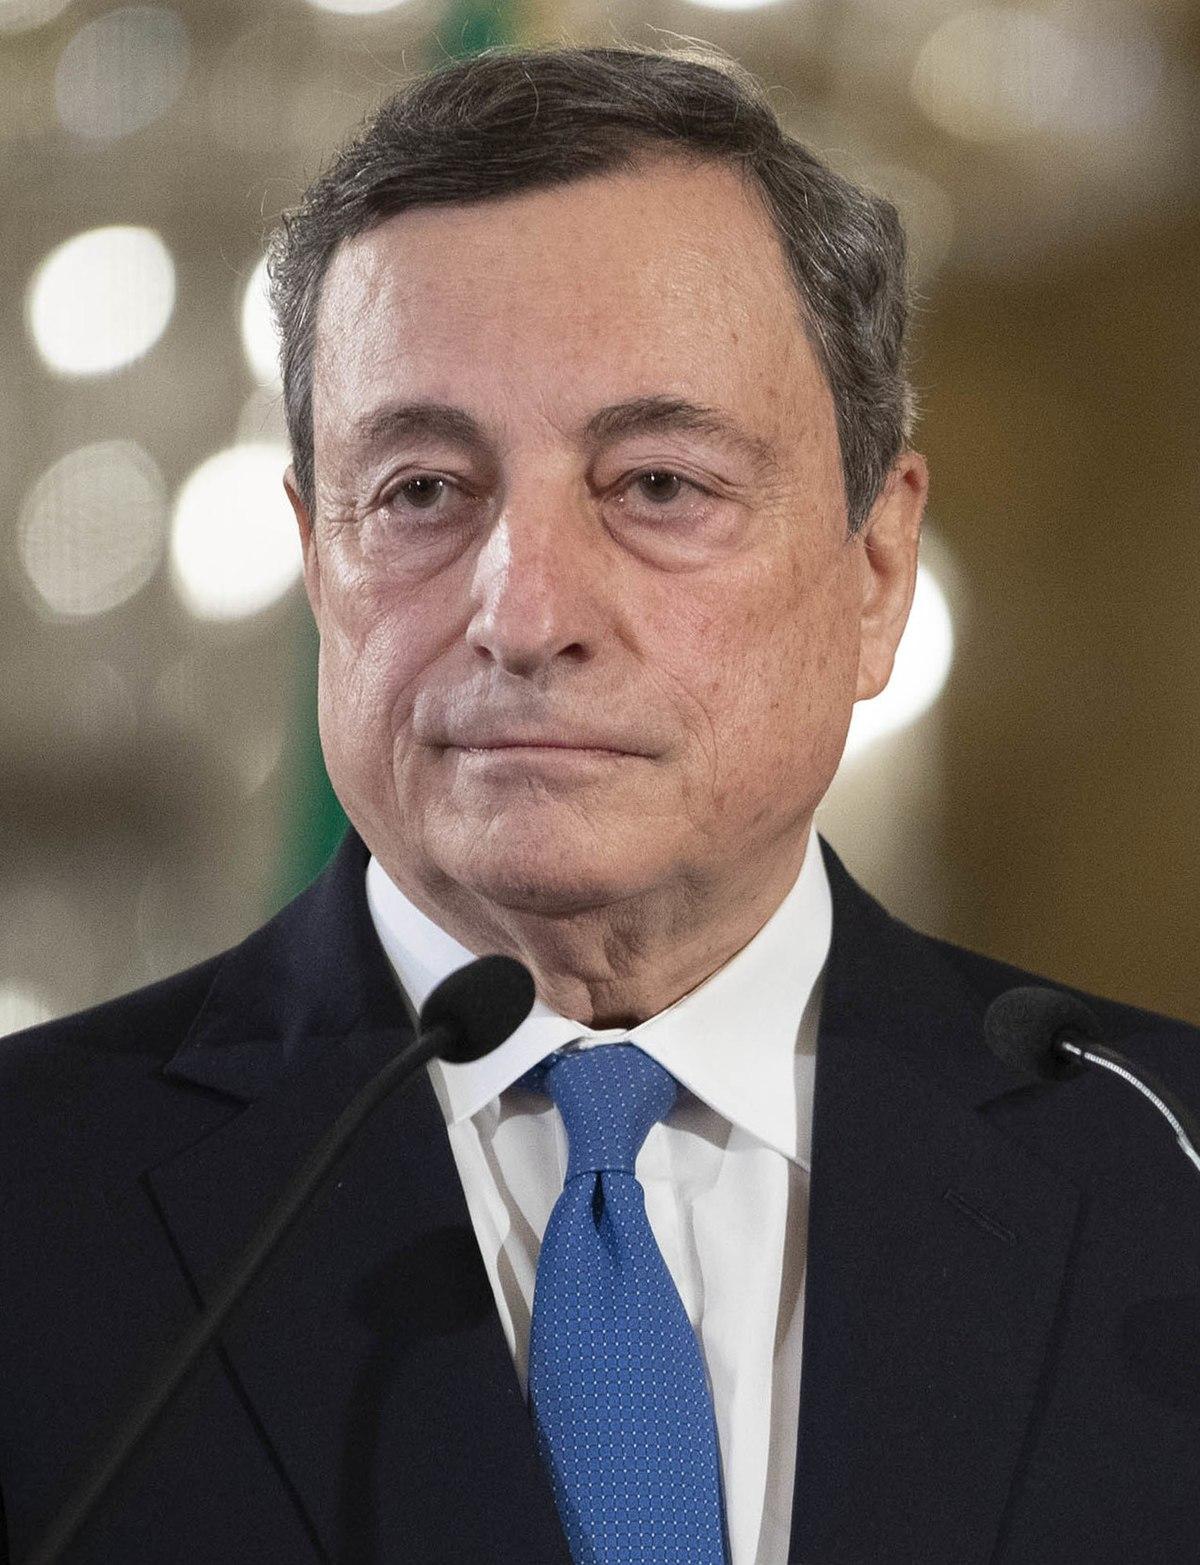 Mario Draghi - Wikipedia